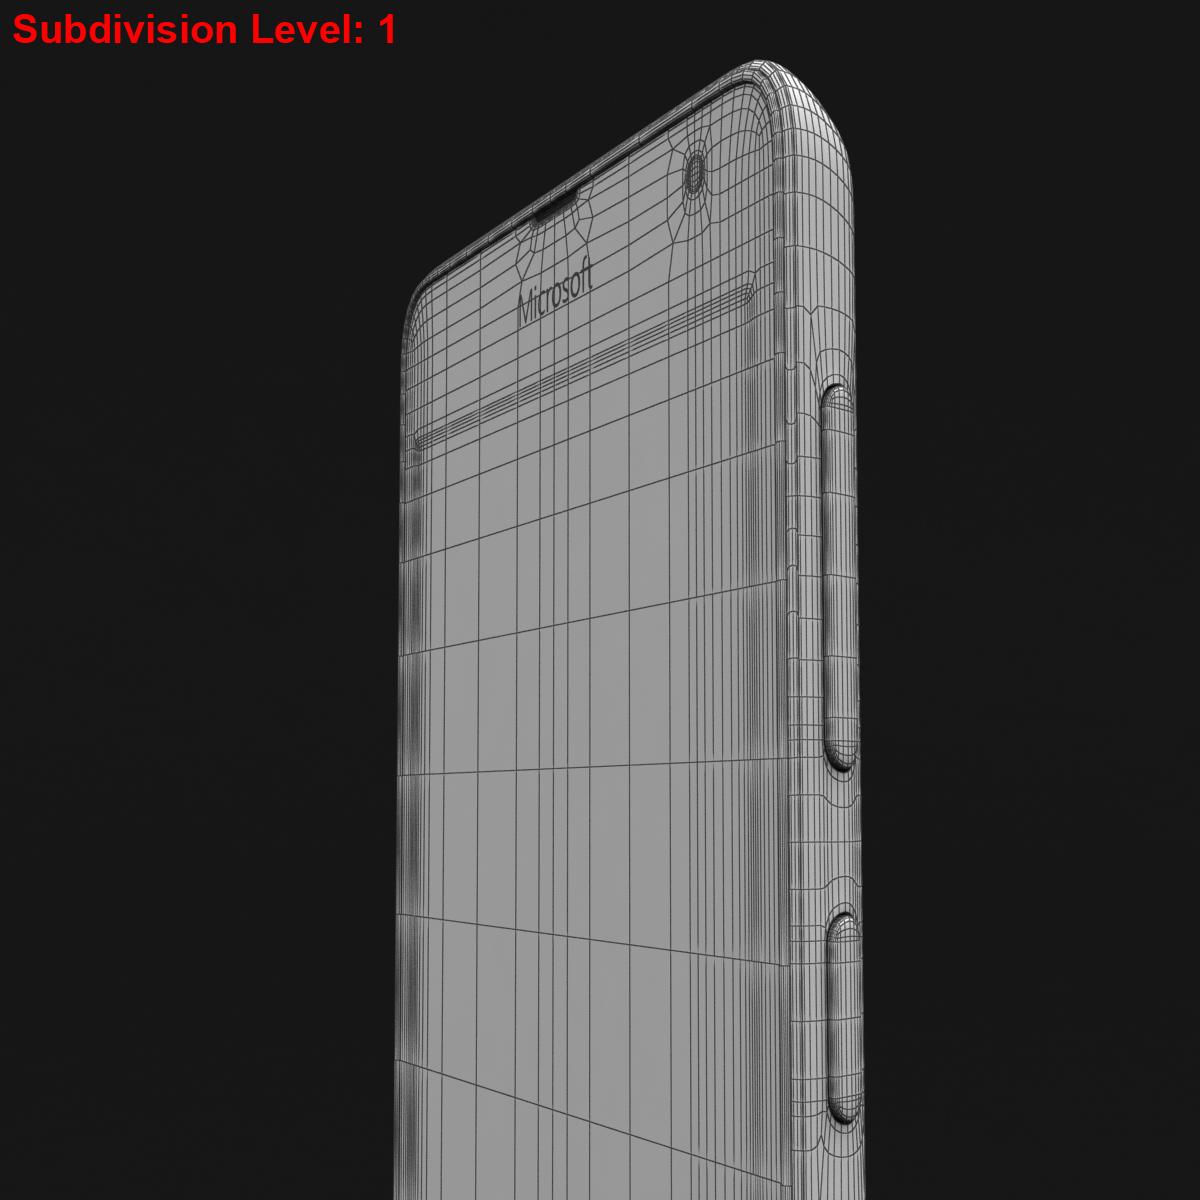 microsoft lumia 535 and dual sim gray 3d model 3ds max fbx c4d obj 204481